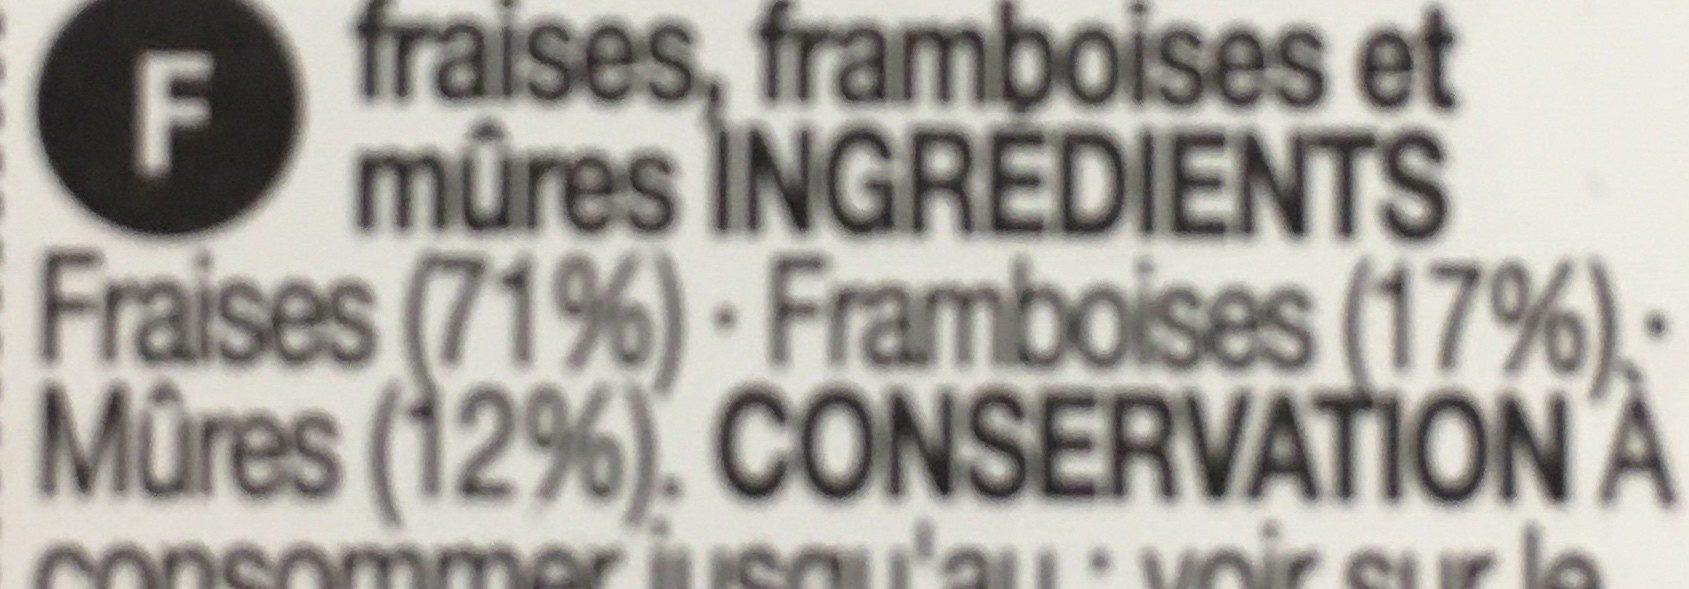 Fraises, framboises & mûres - Ingrediënten